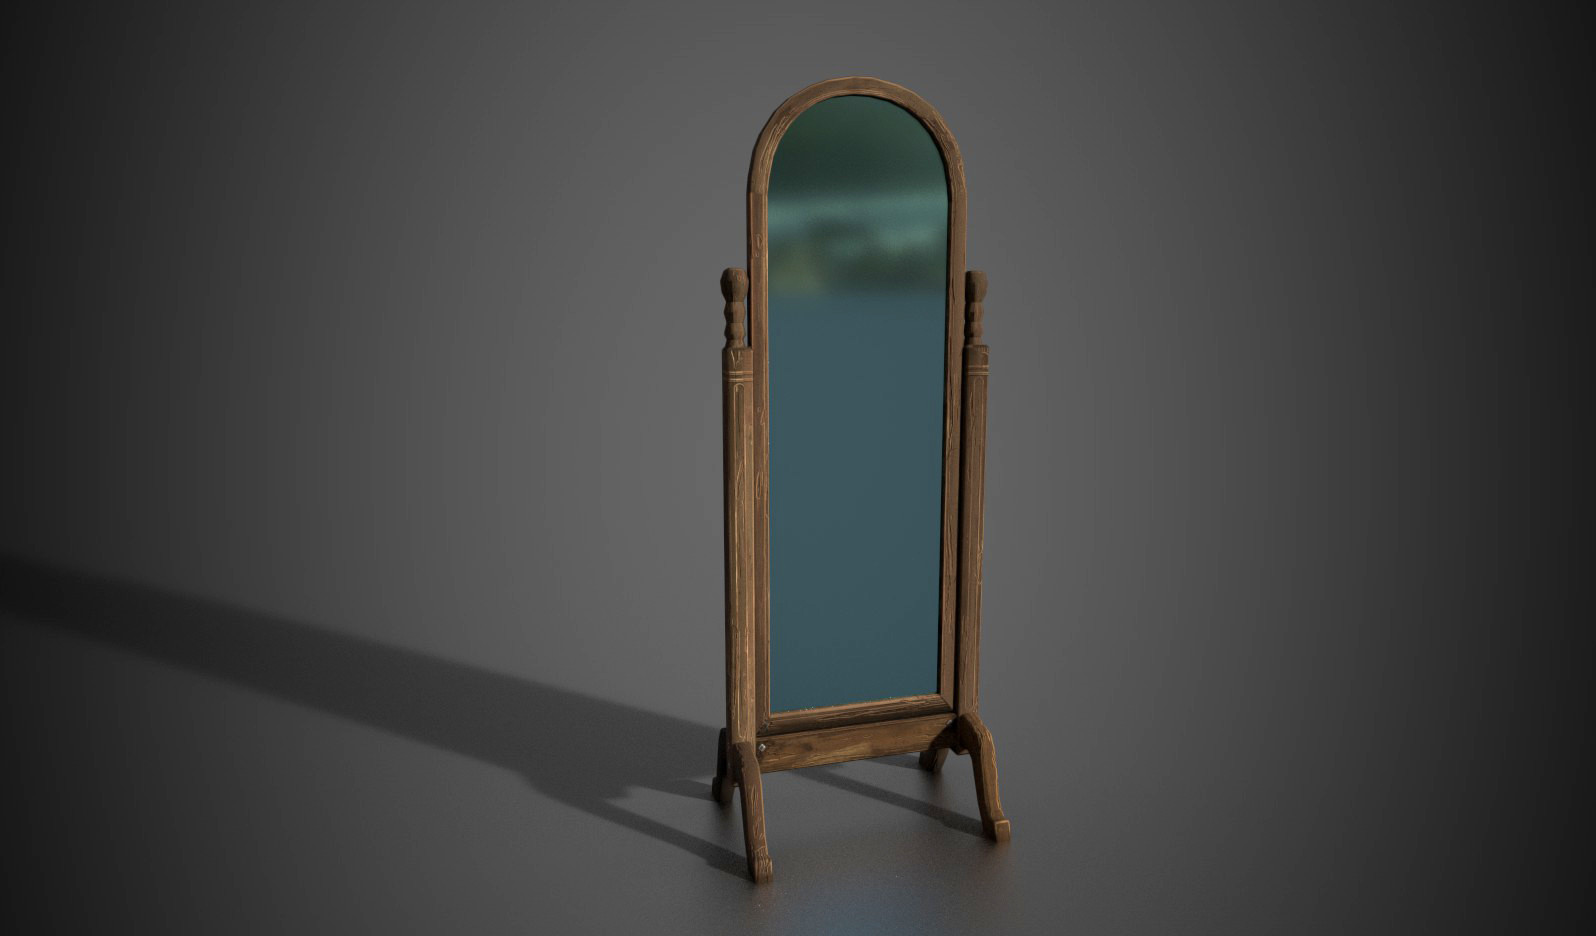 Tristan siodlak r mirror